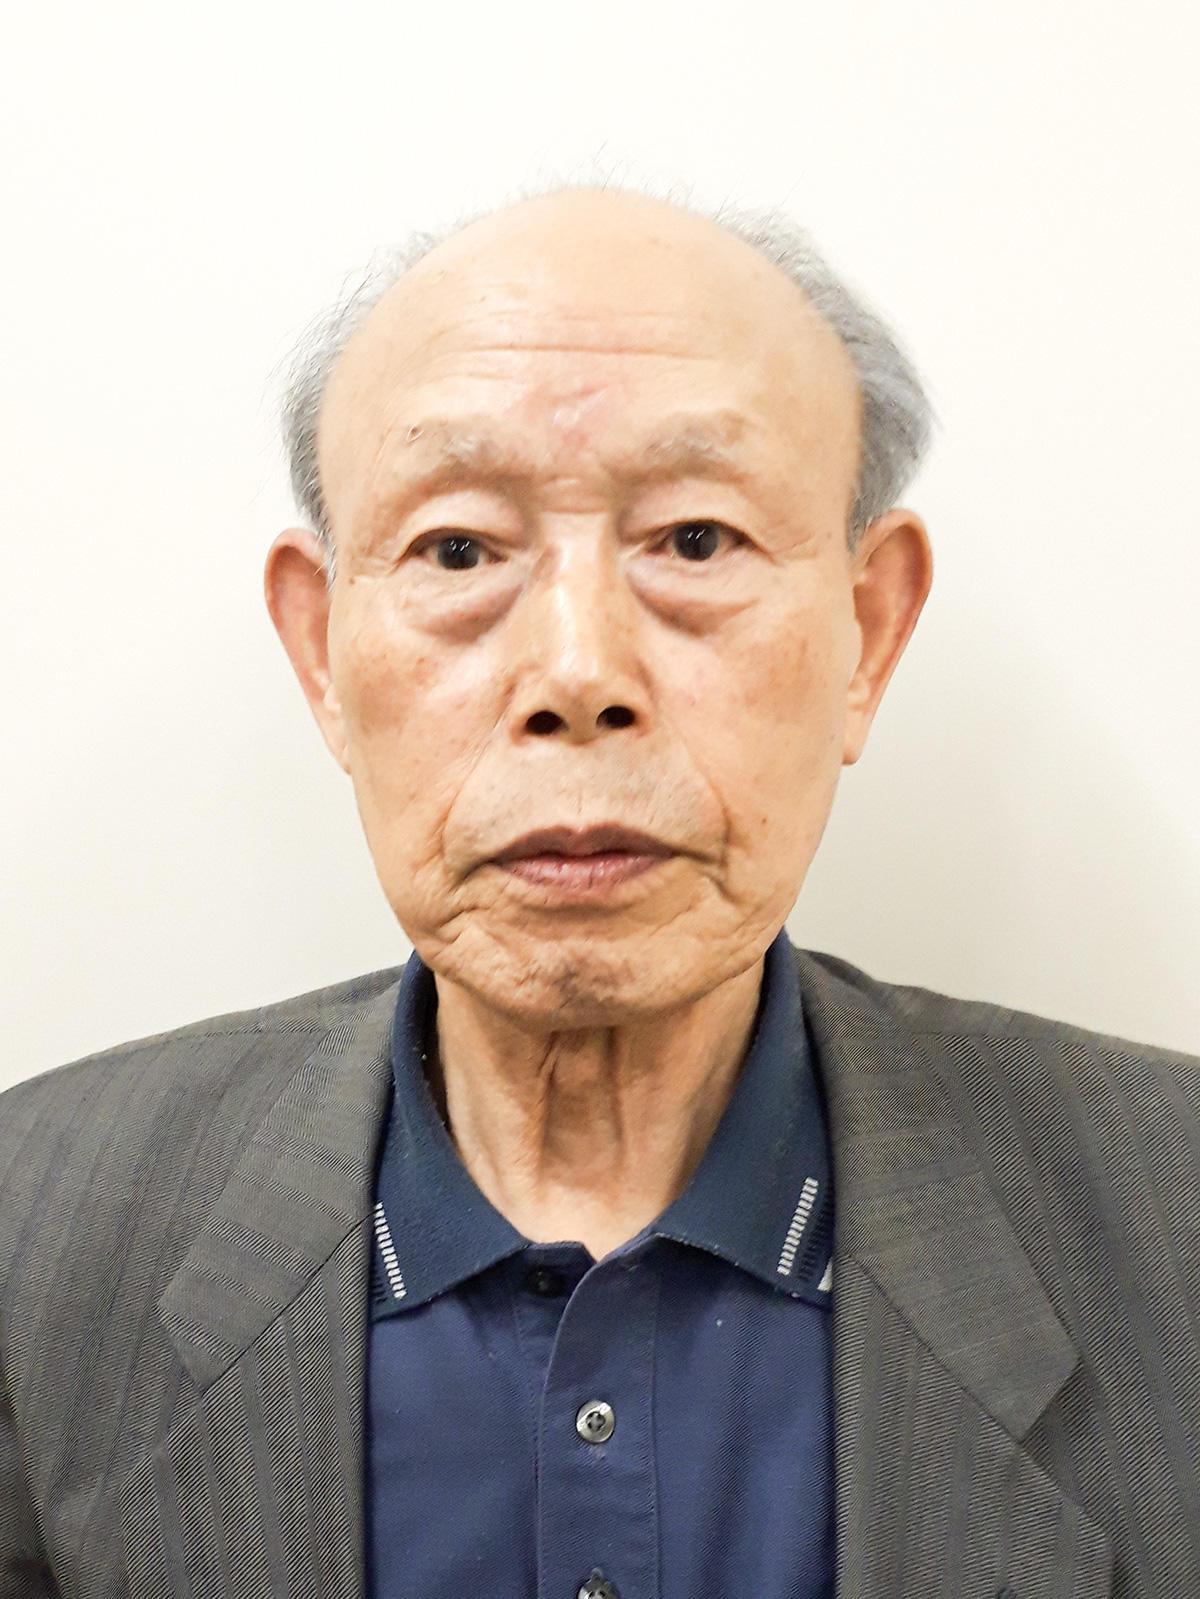 加藤深流(かとう・しんりゅう)さん